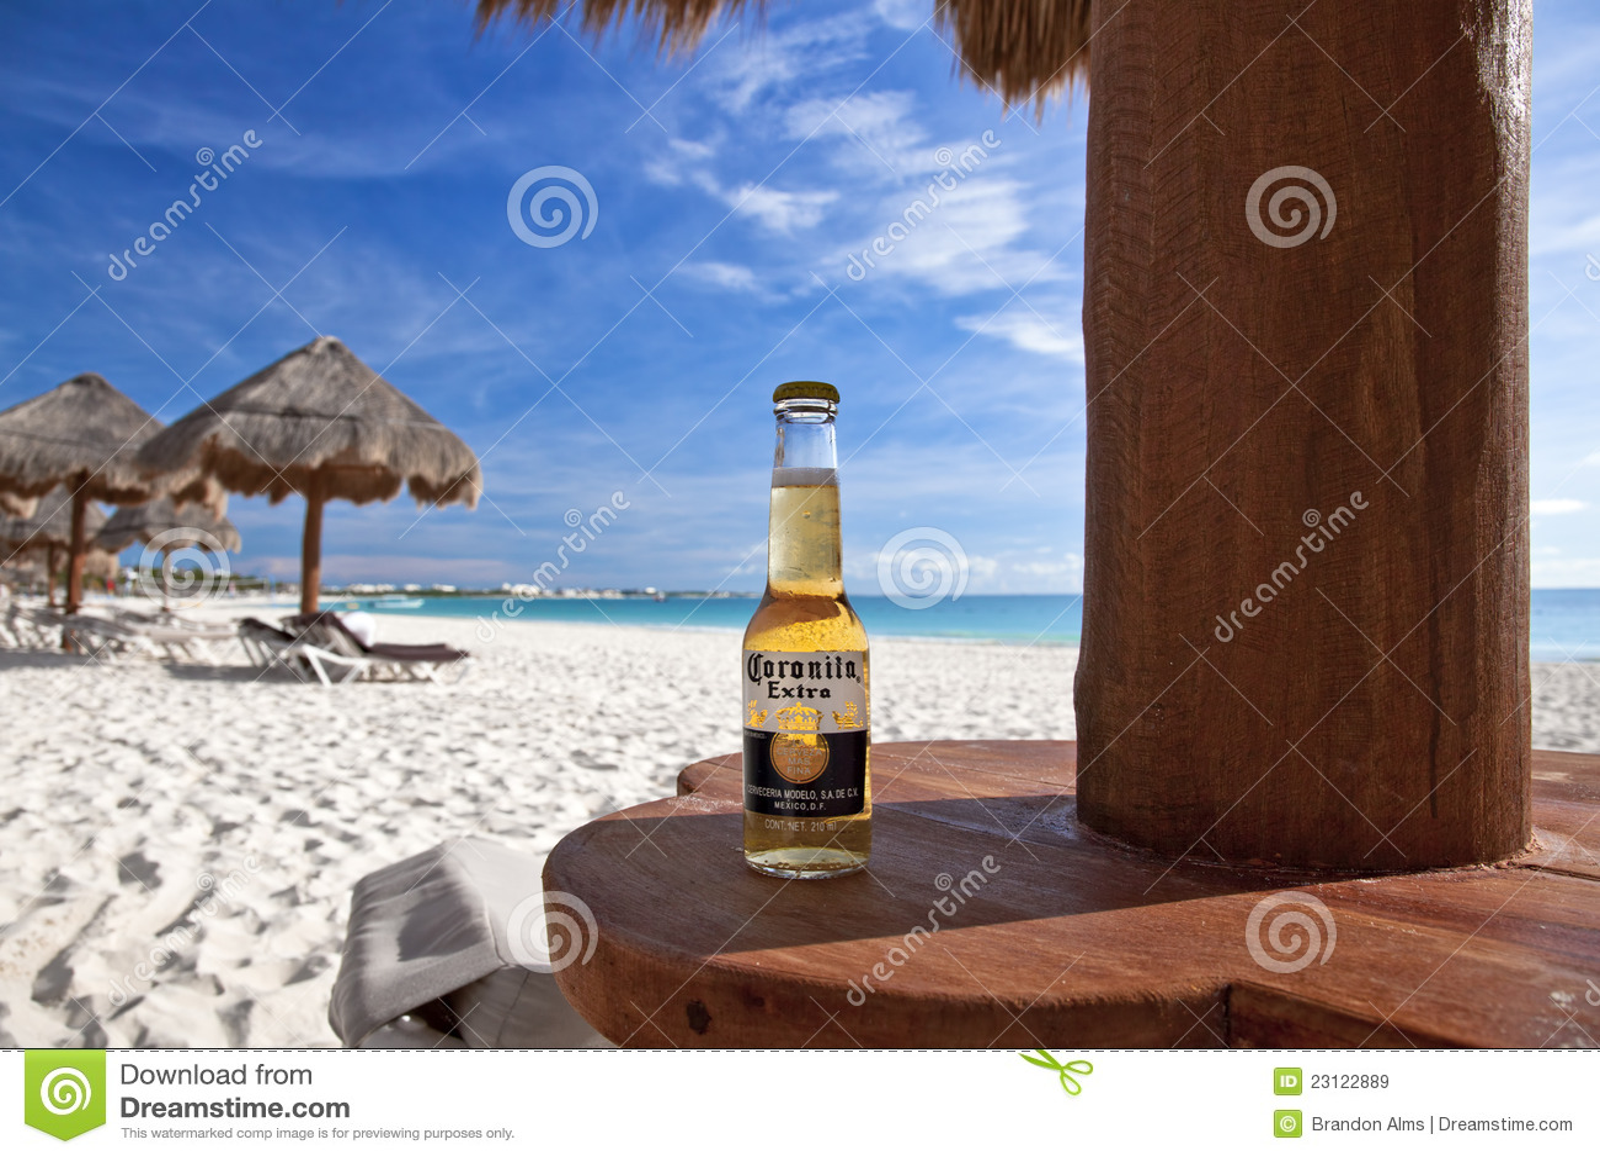 Corona sulla spiaggia immagine stock editoriale immagine for Disegni moderni della casa sulla spiaggia